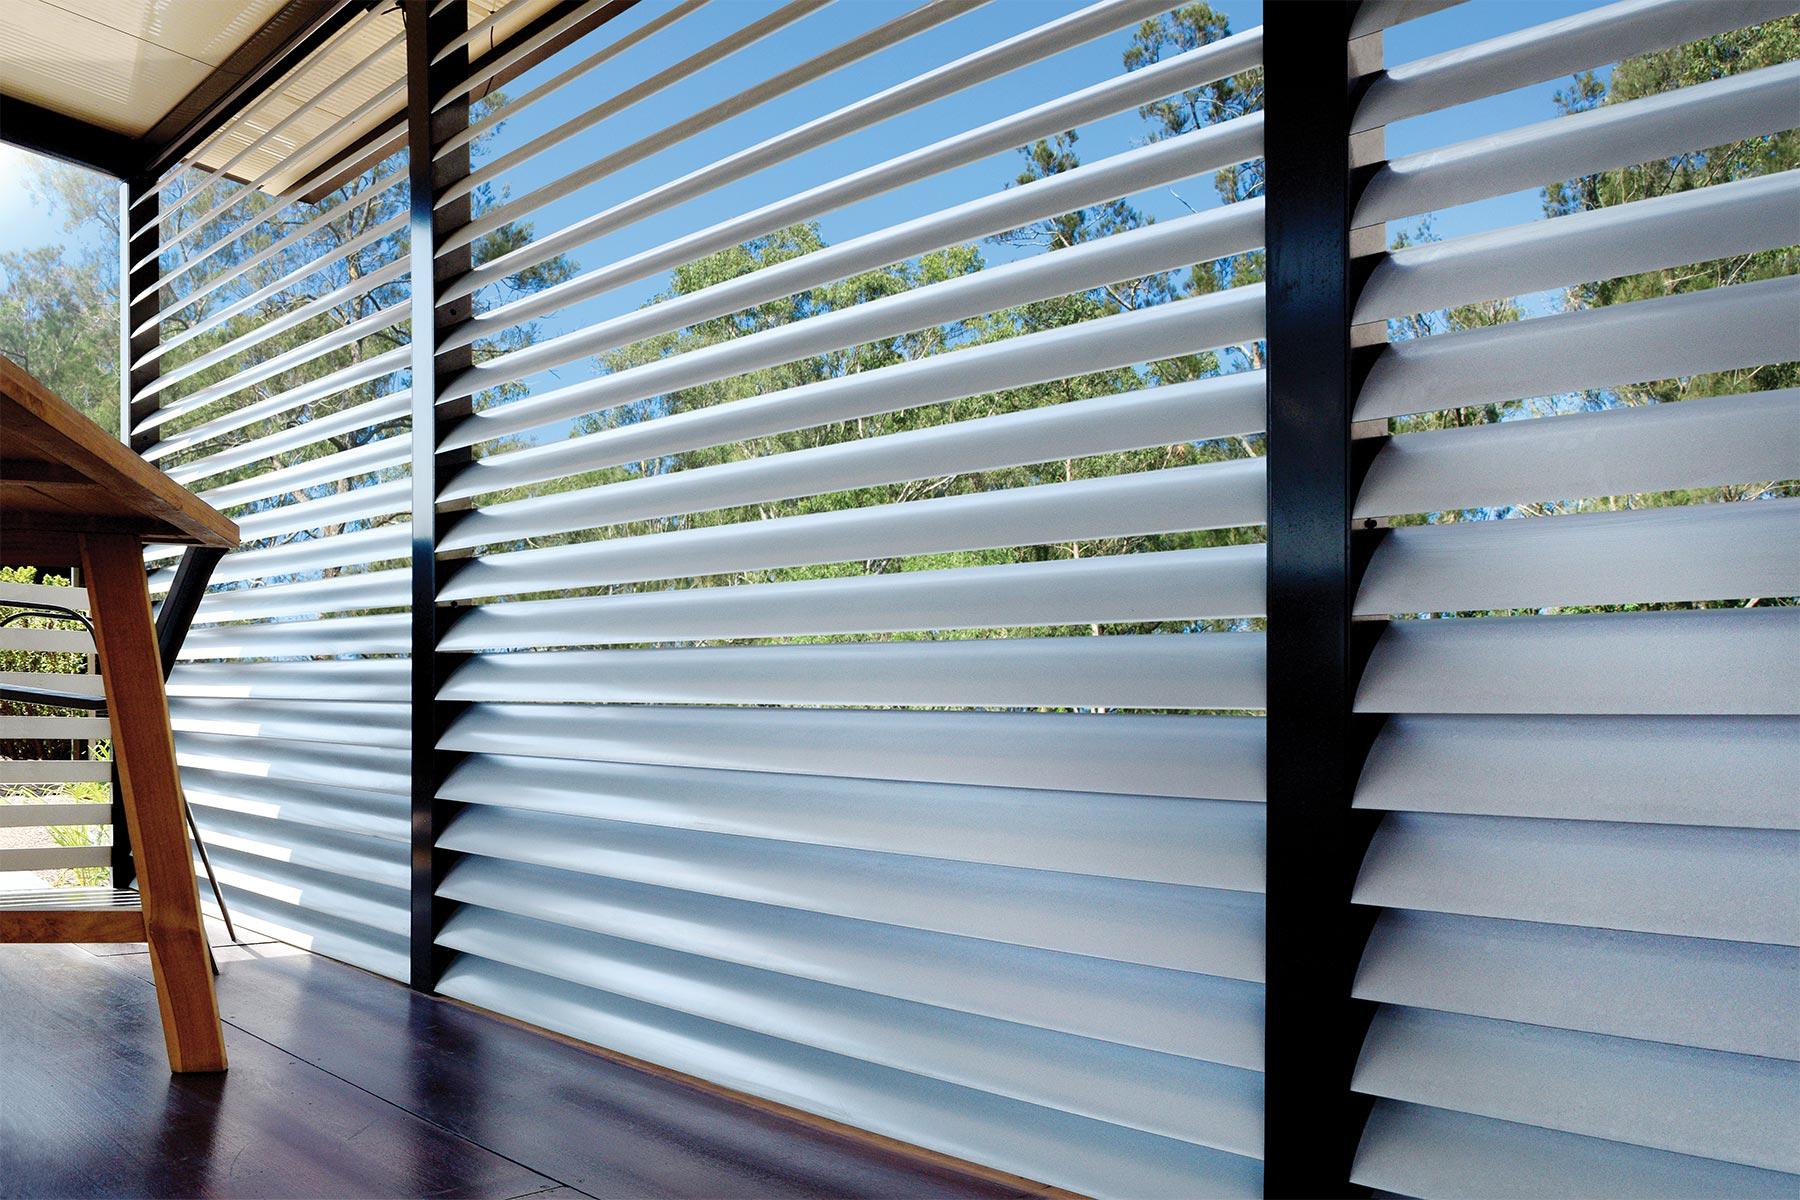 aluminium louvre panels